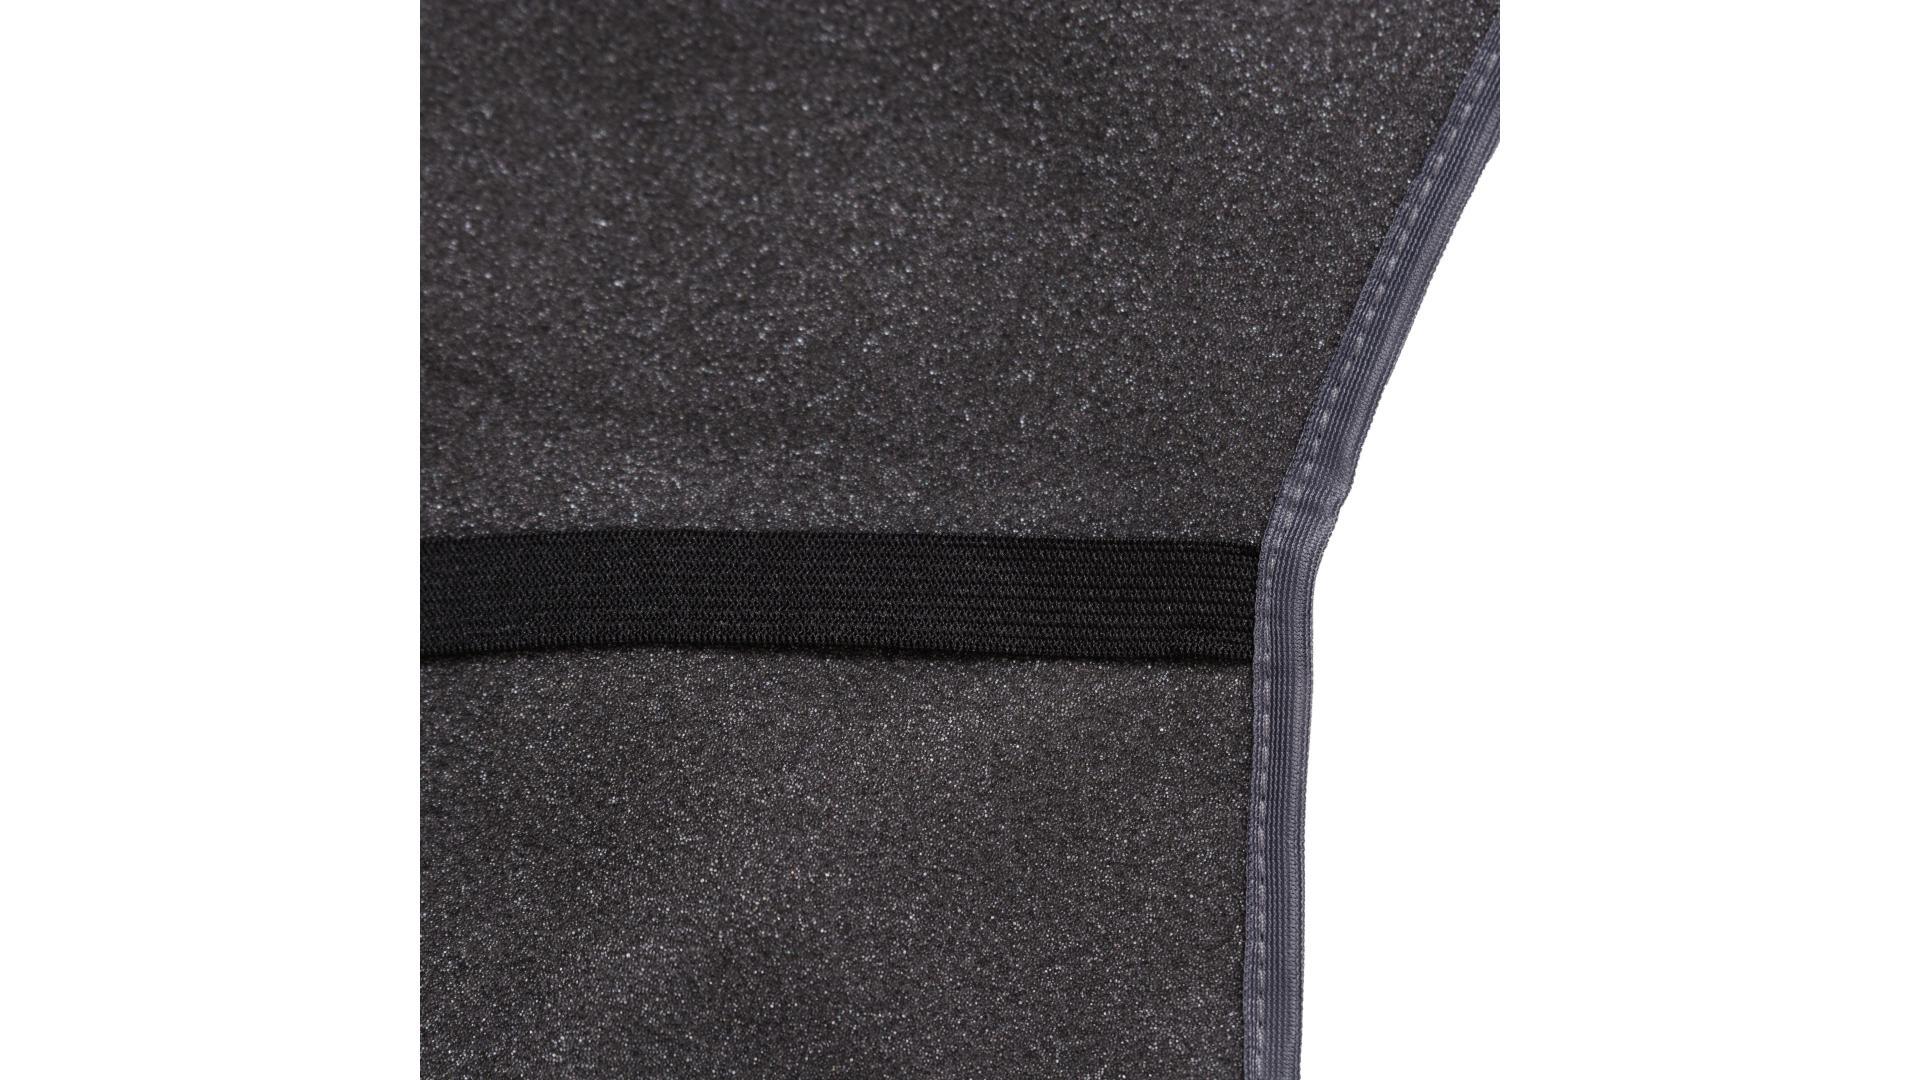 4CARS Autopoťahy tričko predné tmavo šedé